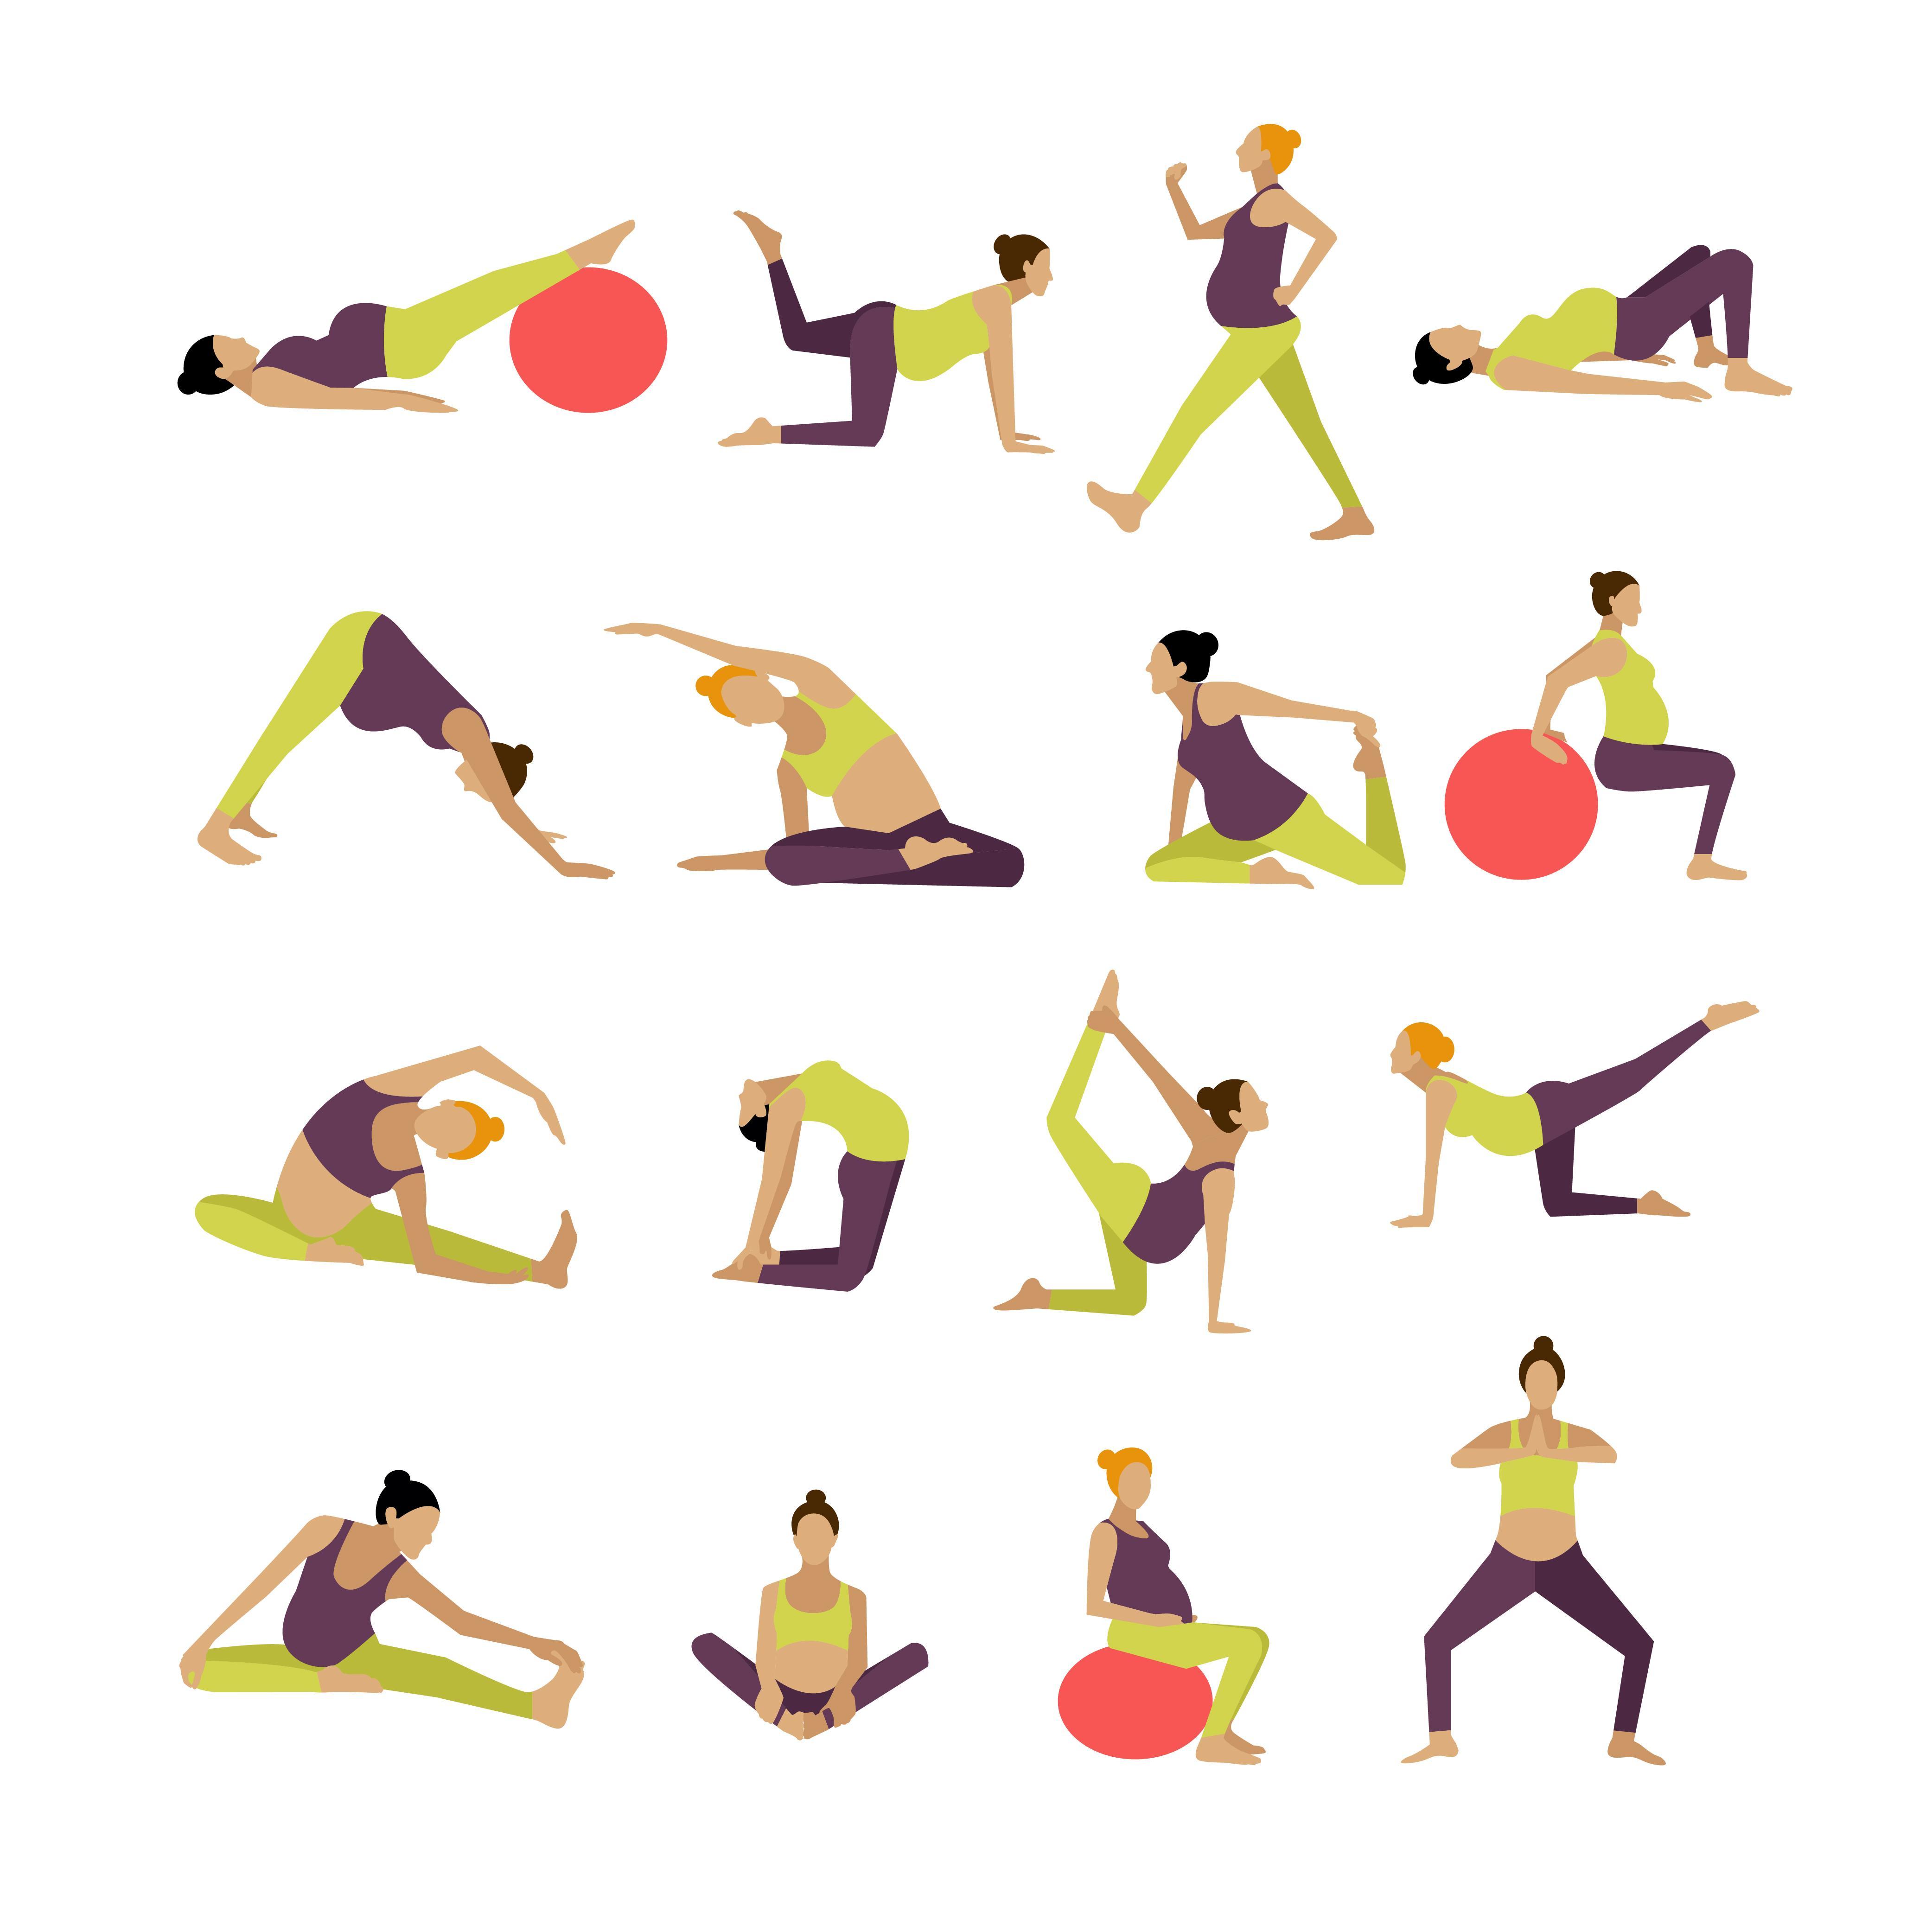 Balance Ball Exercises For Pregnancy: Gebelik, Egzersiz Yapmanıza Engel Değil! İşte Gebeler İçin